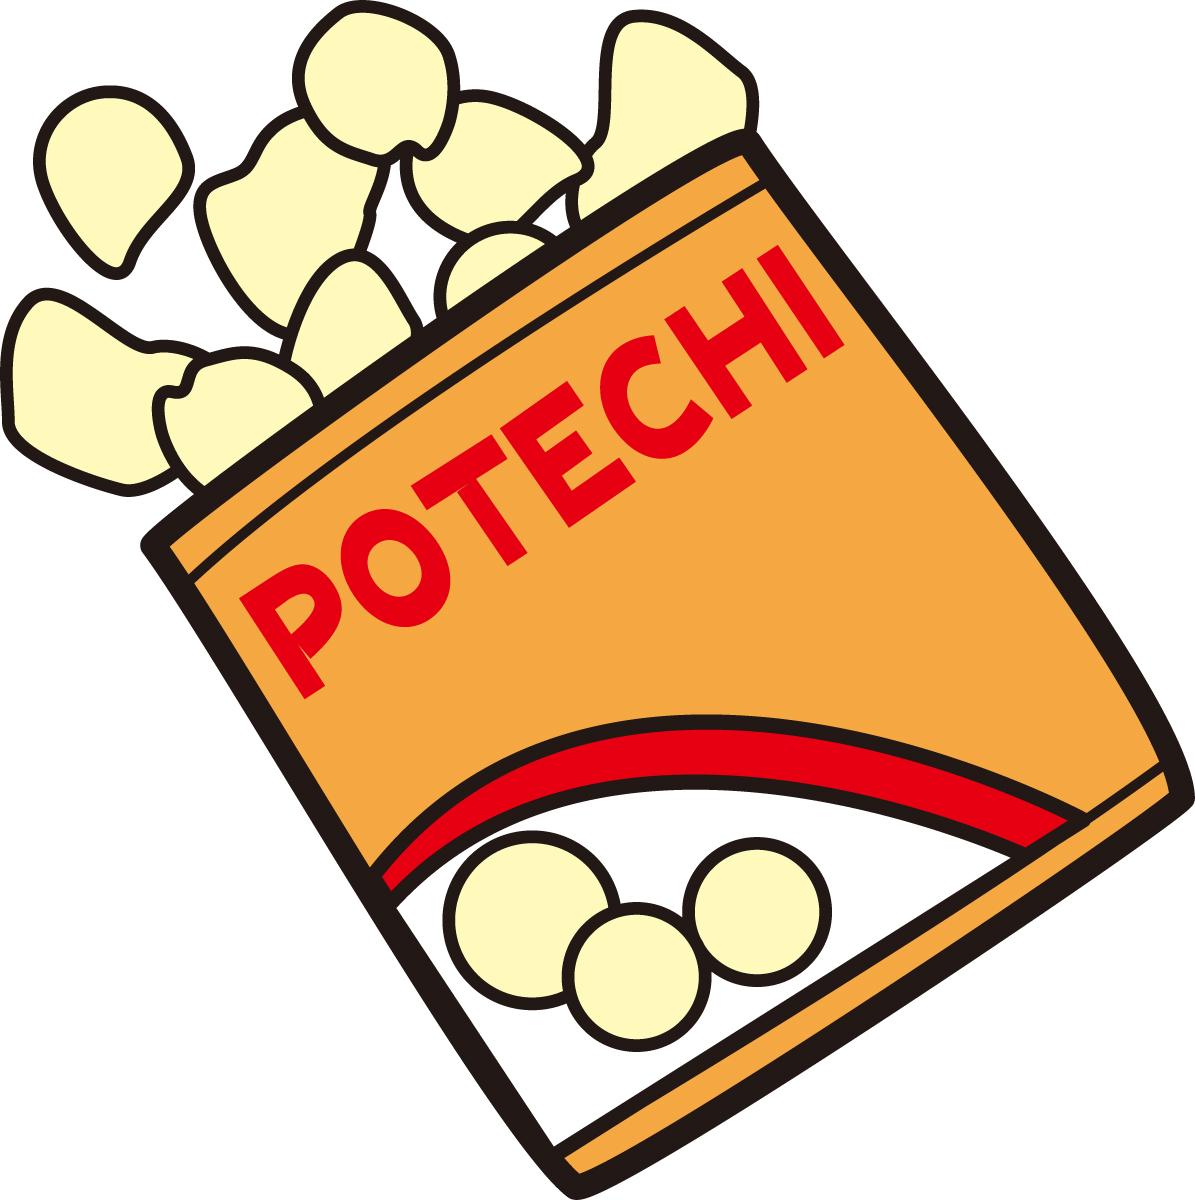 コイケヤのポテトチップスはどれくらいの糖質を含んでいるのか